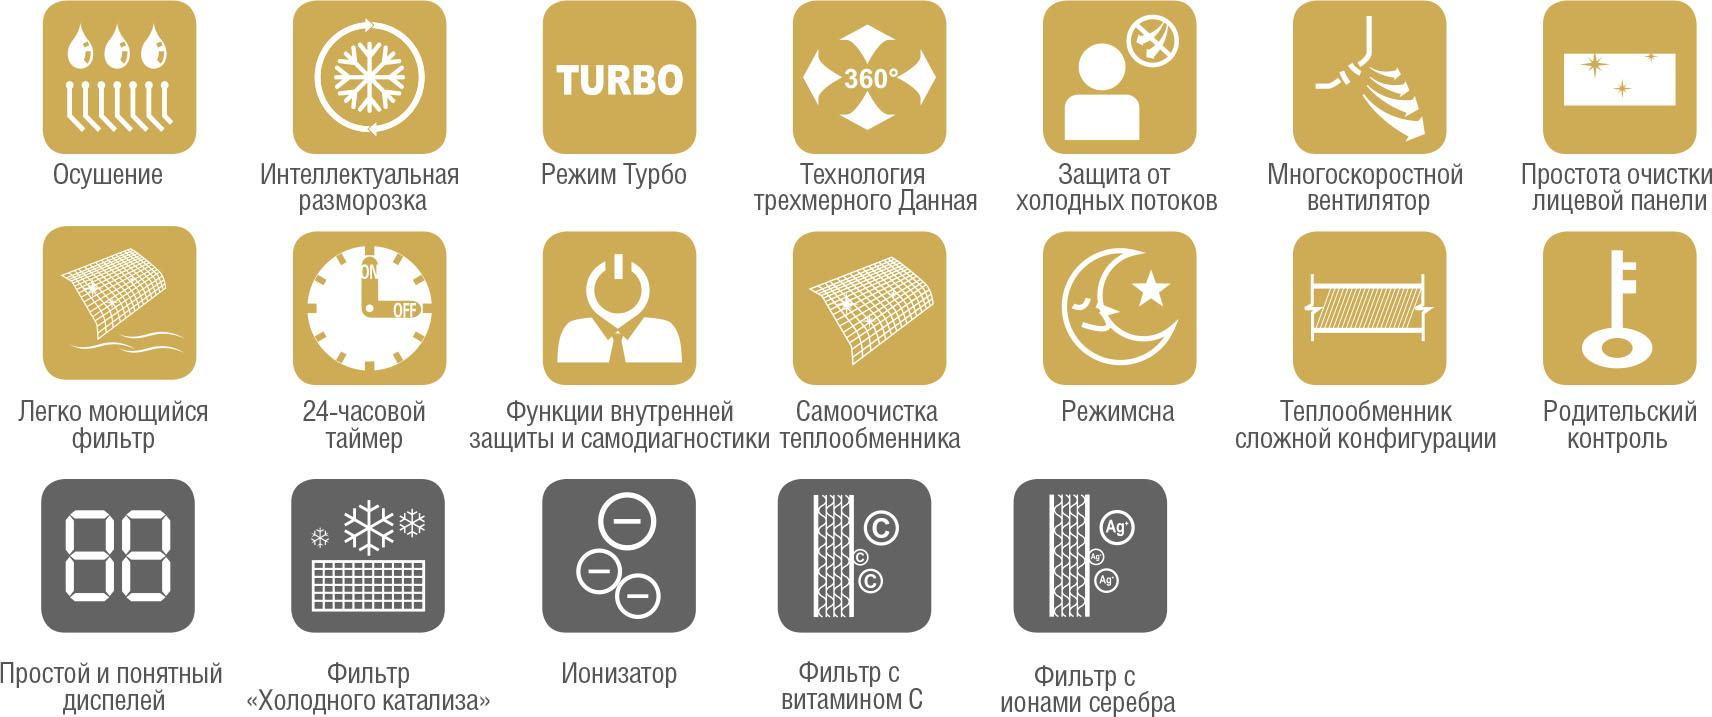 Функции и основные особенности кондиционера ChigoCS-51V3A-P156 серии Lotus 156 Inverter